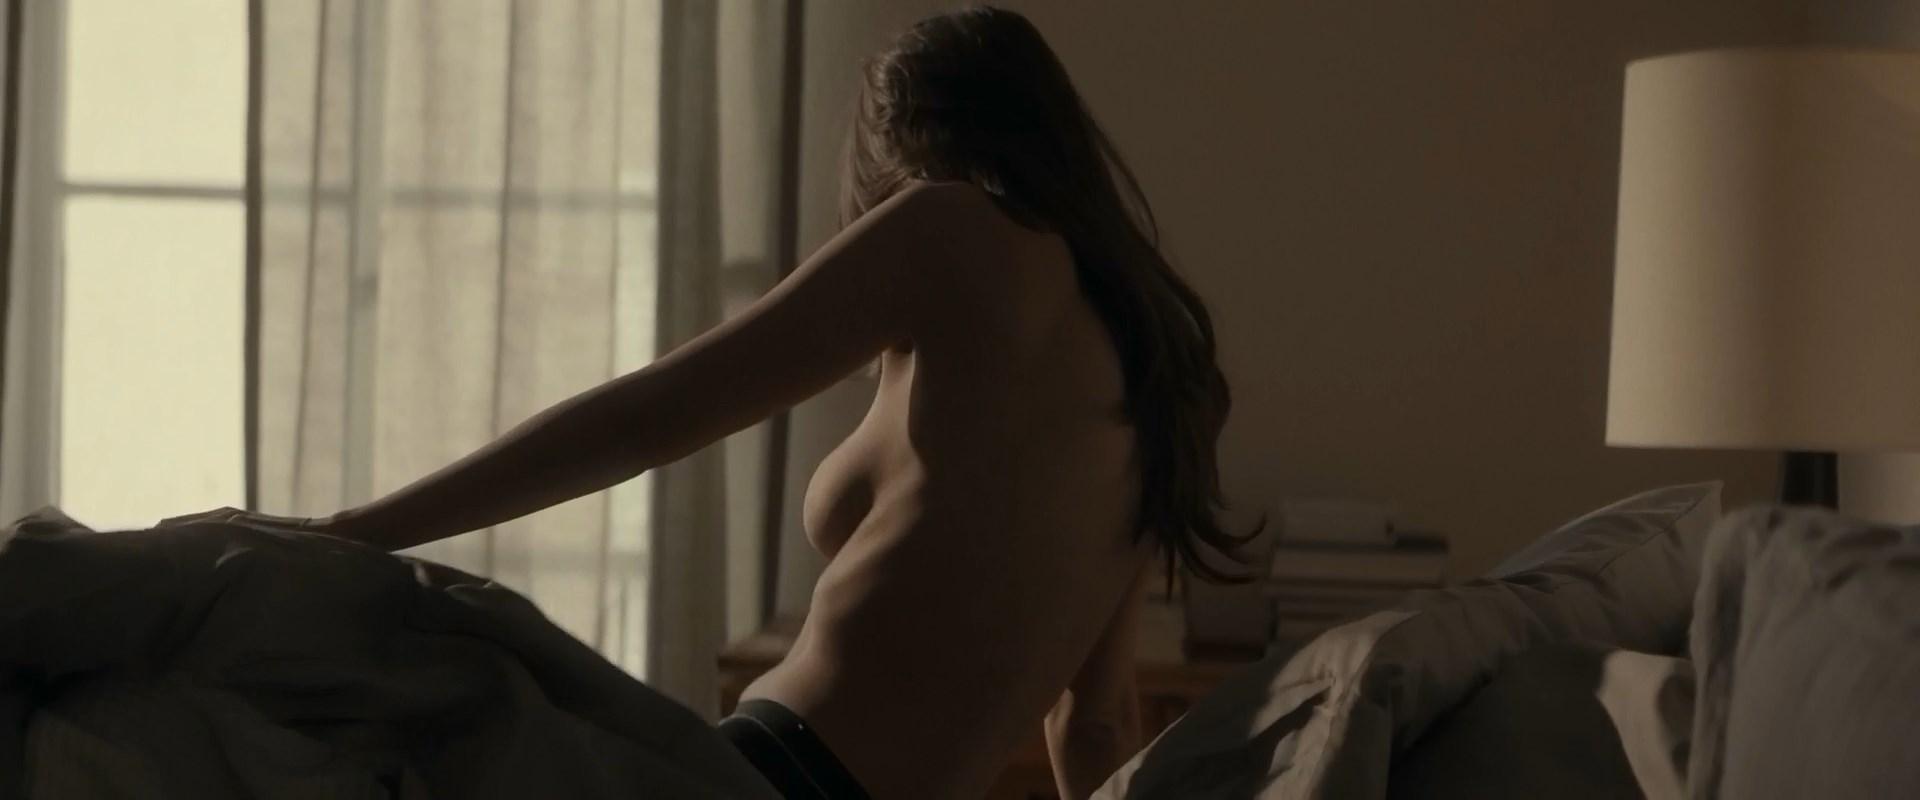 Emily Ratajkowski Nude Sex photo 14